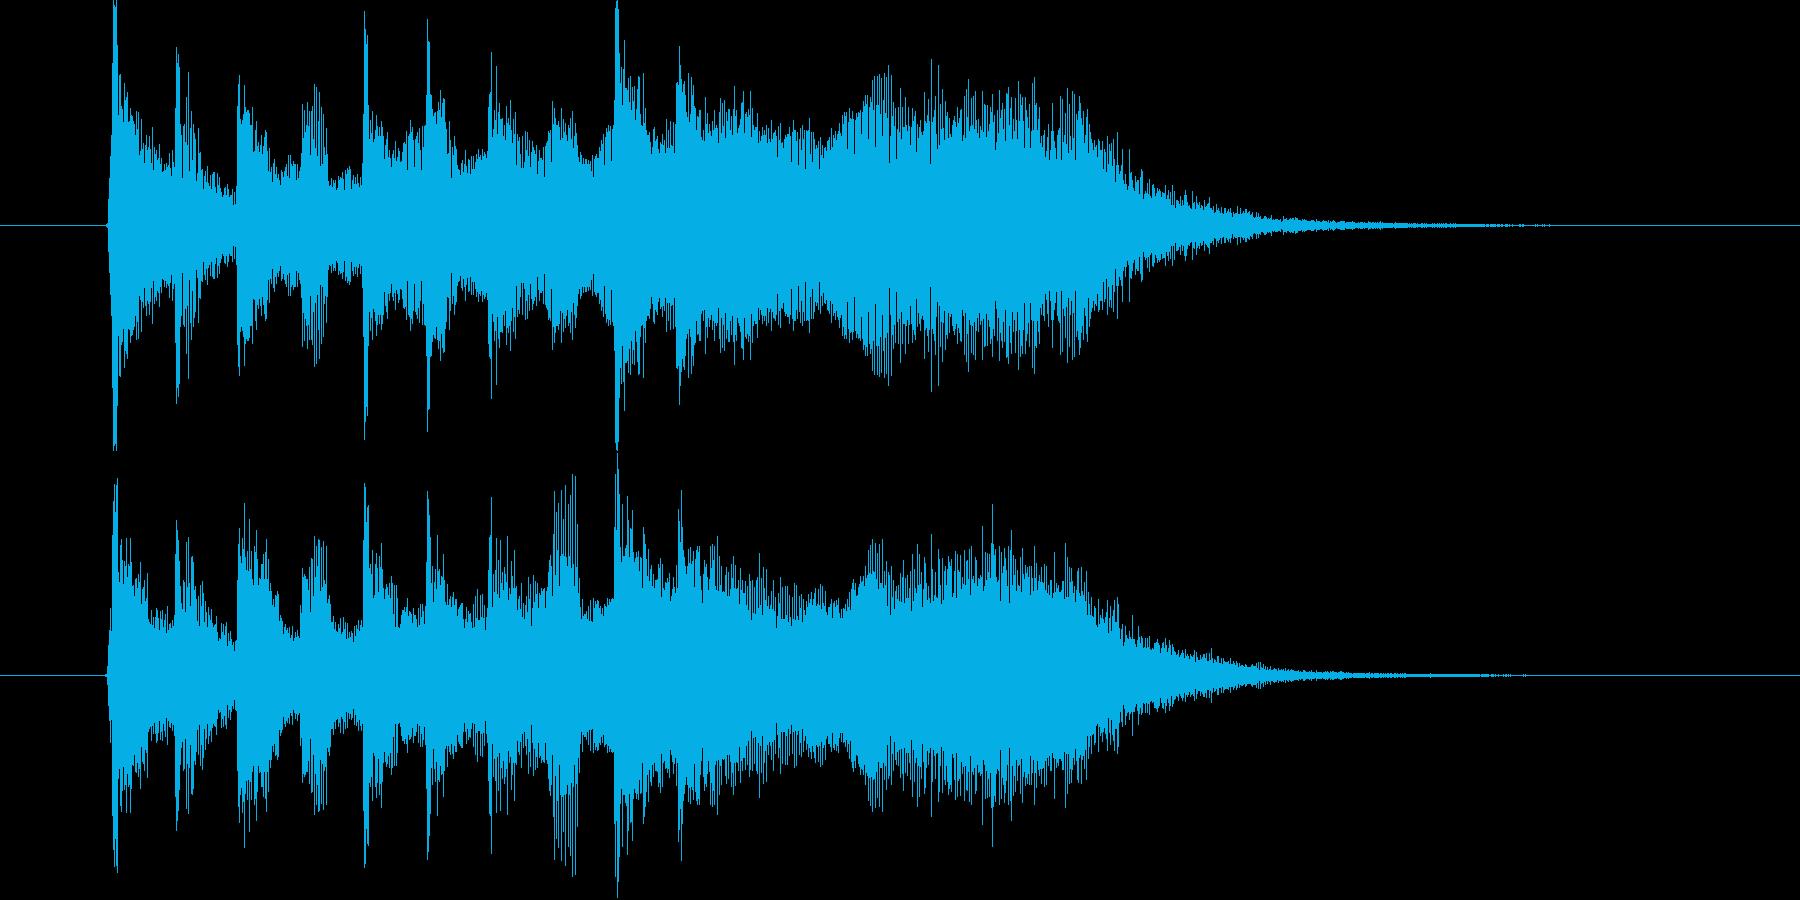 オシャレで壮大な雰囲気のポップの再生済みの波形